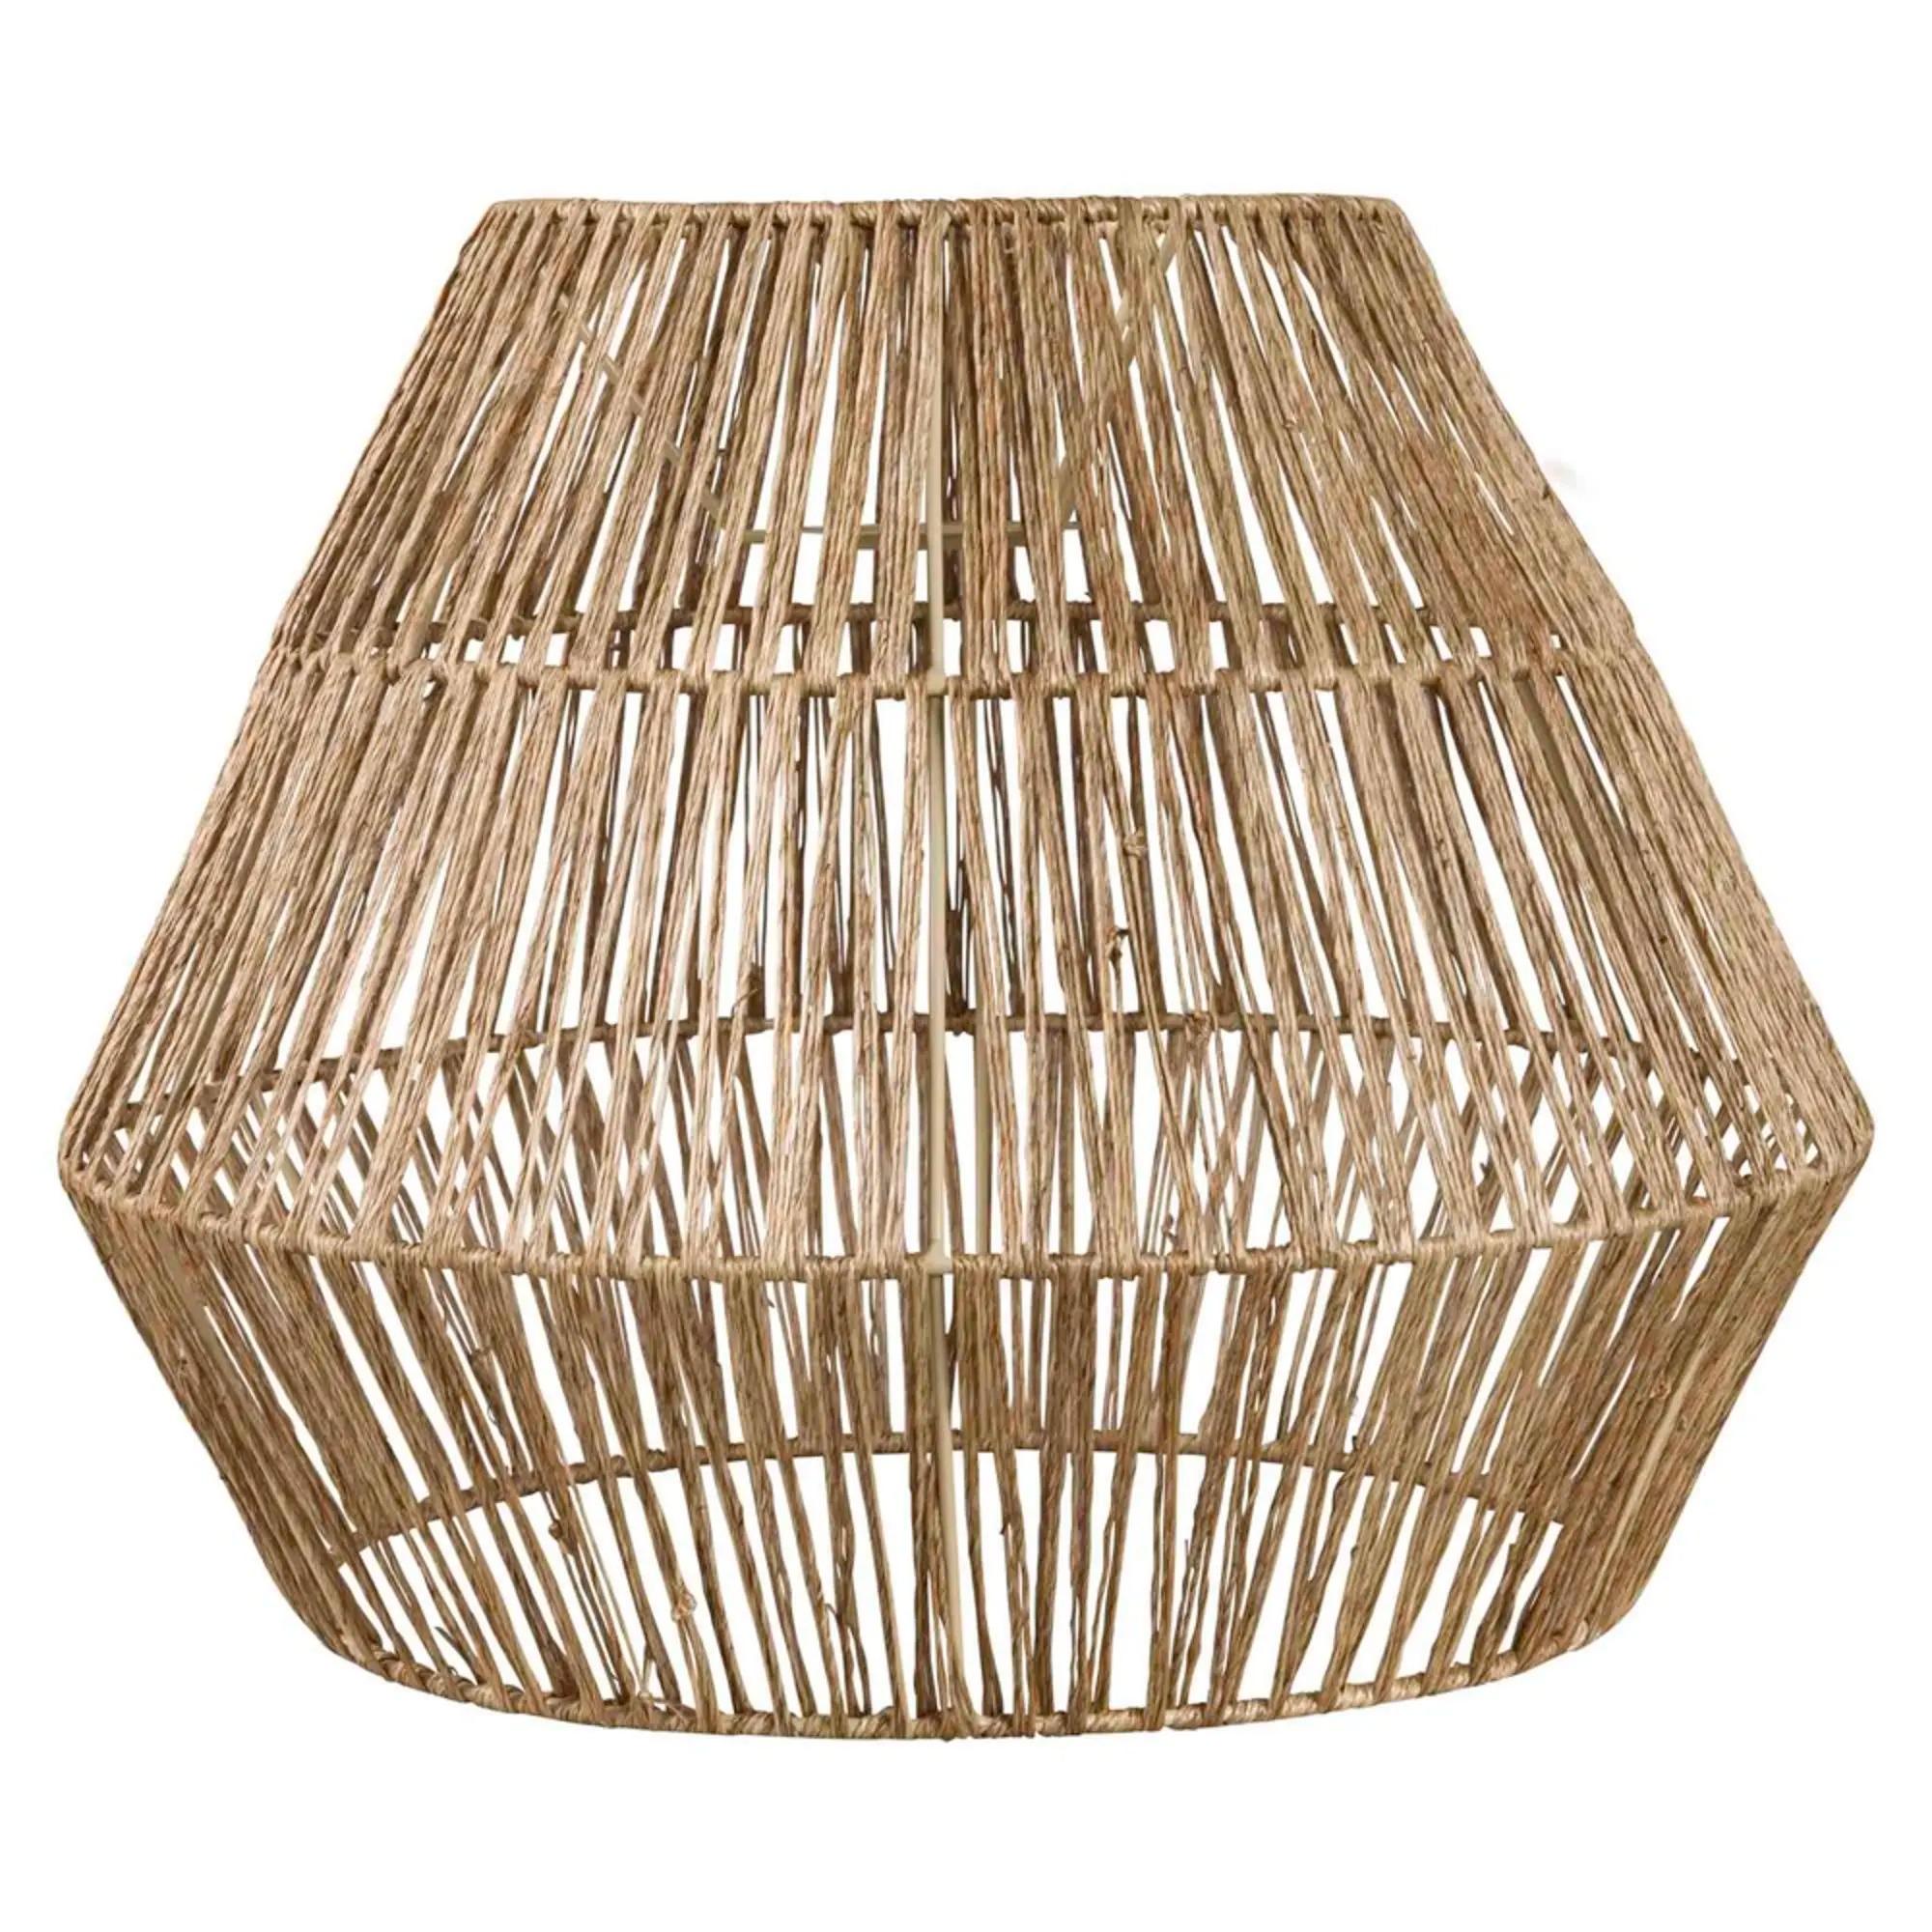 INIRIDA .- Pantalla para lámpara de techo de fibra vegetal D.40 cms